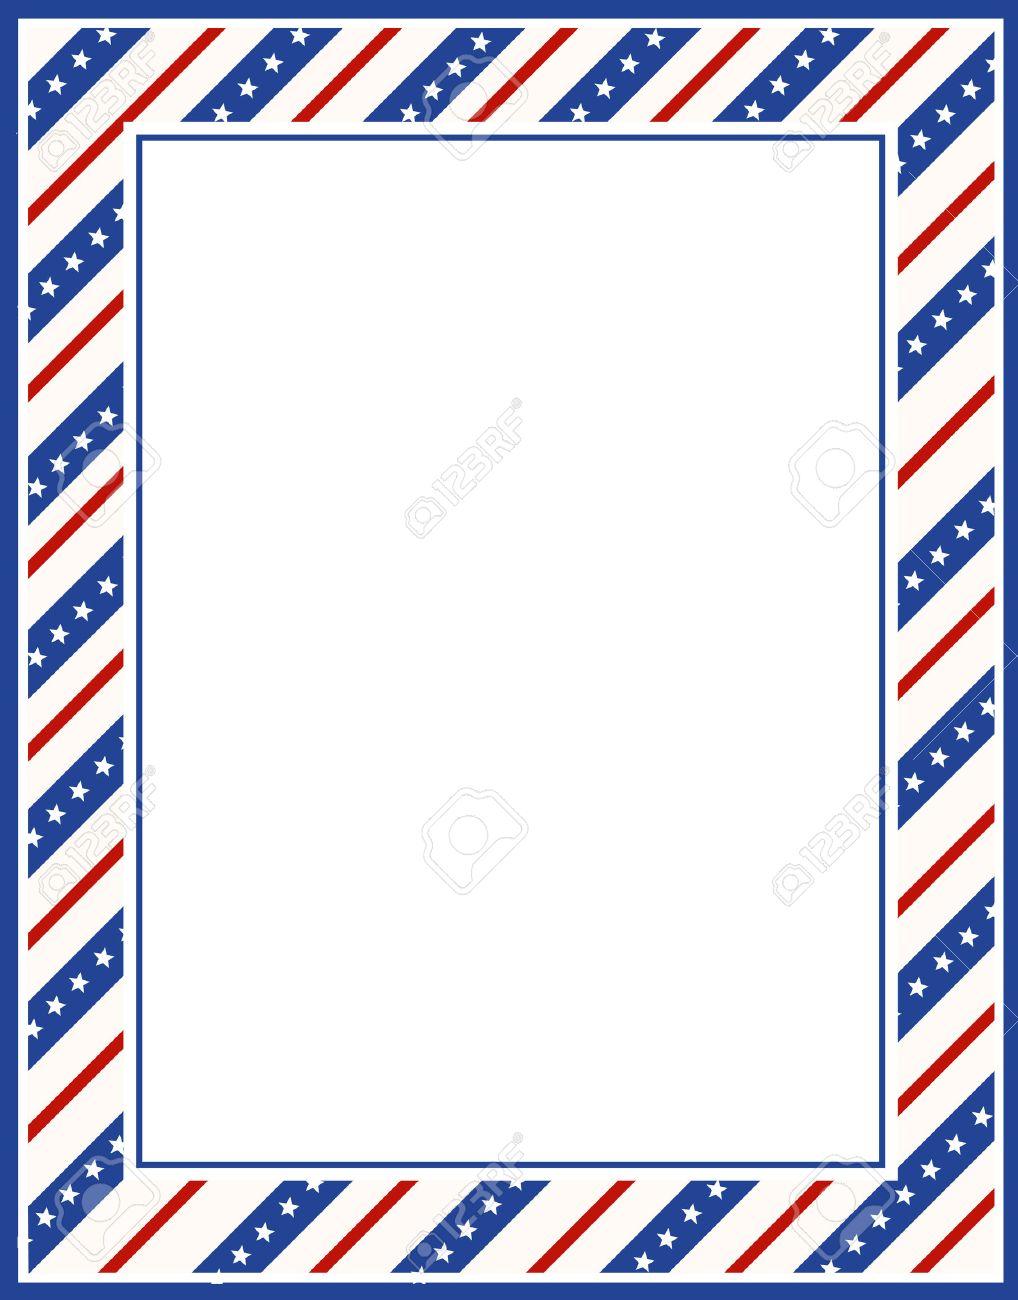 Azul Y Rojo Estrellas Patrióticas Y Rayas Página Frontera / Marco De ...